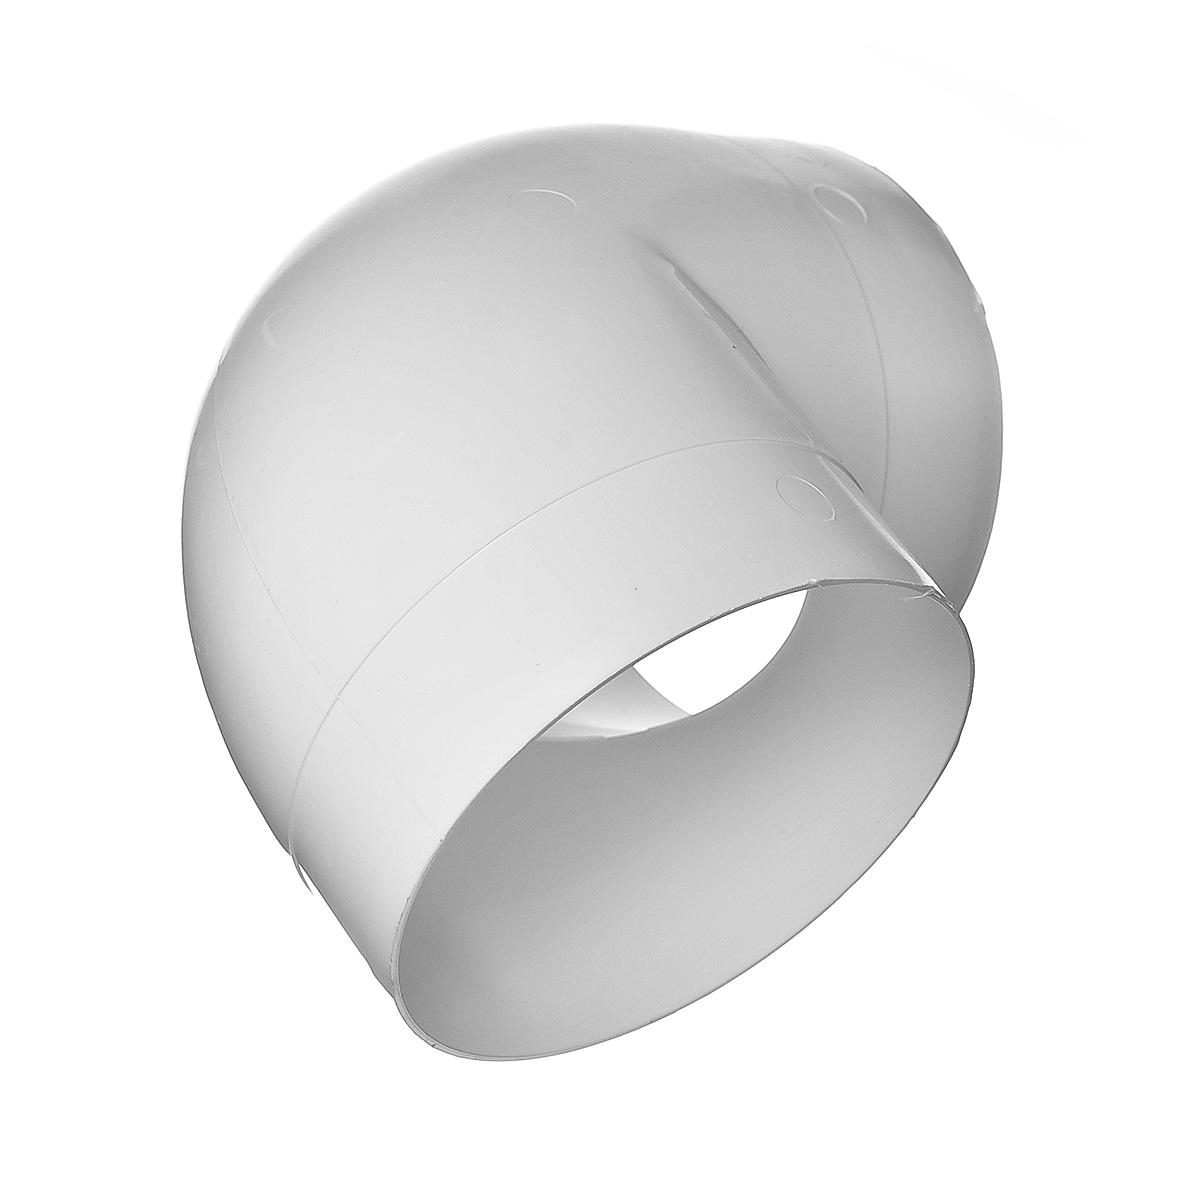 Купить Отвод круглый для вентиляционных труб 100 мм, угол 90° — Фото №1